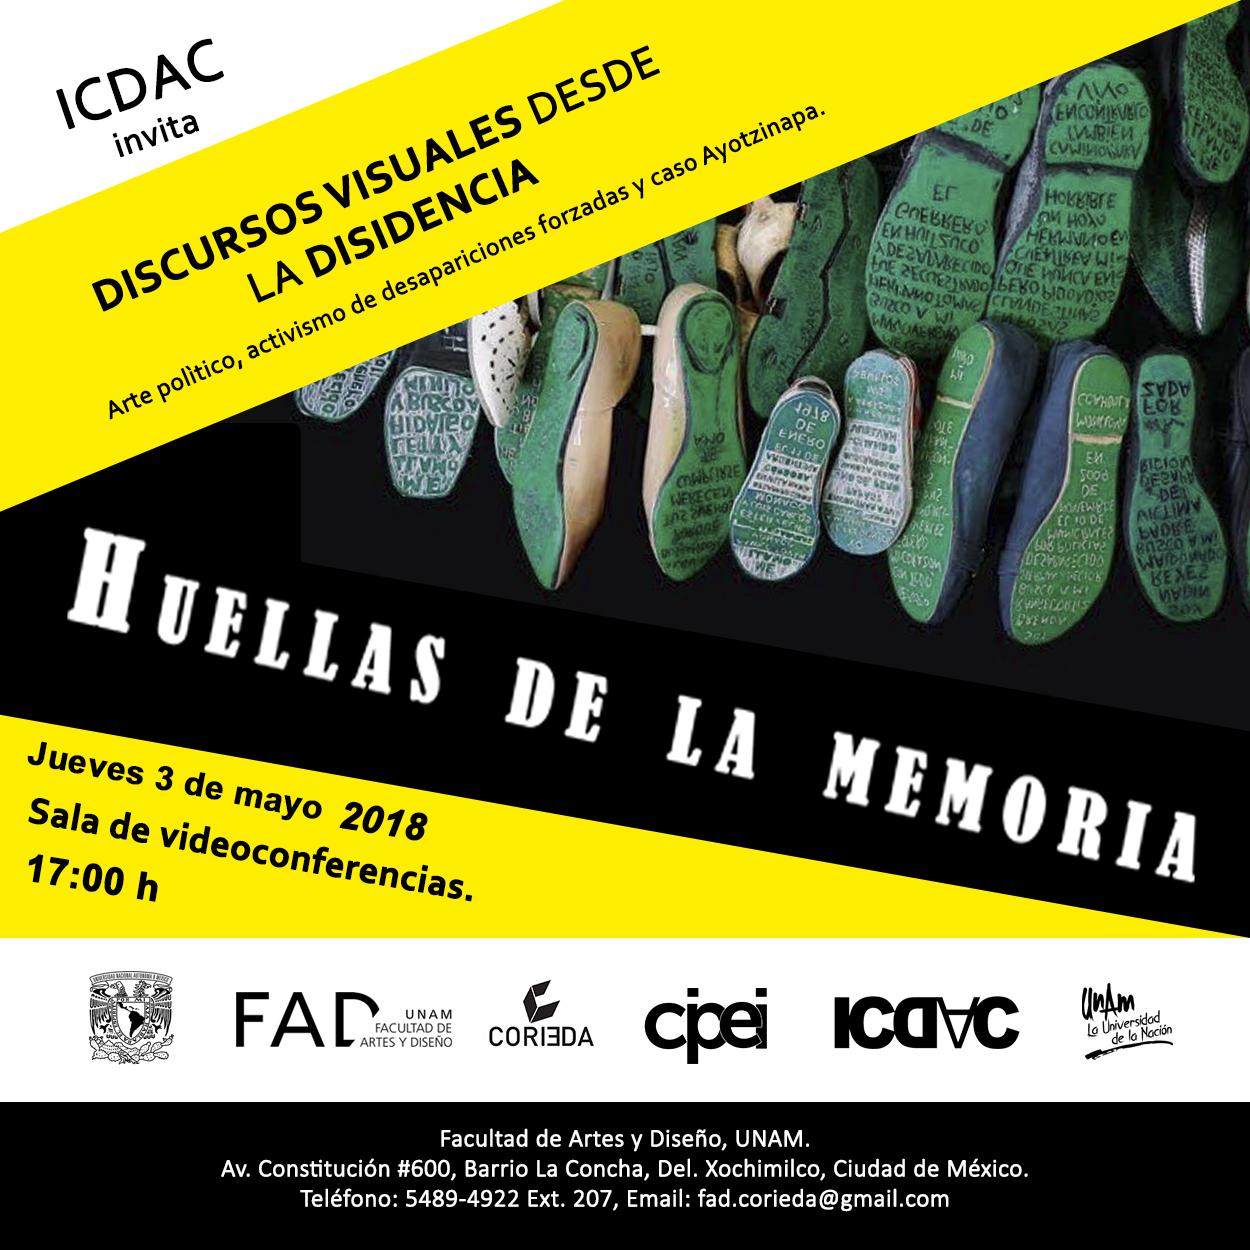 cuadradoDiscursos, HUELLAS DE LA MEMORIA